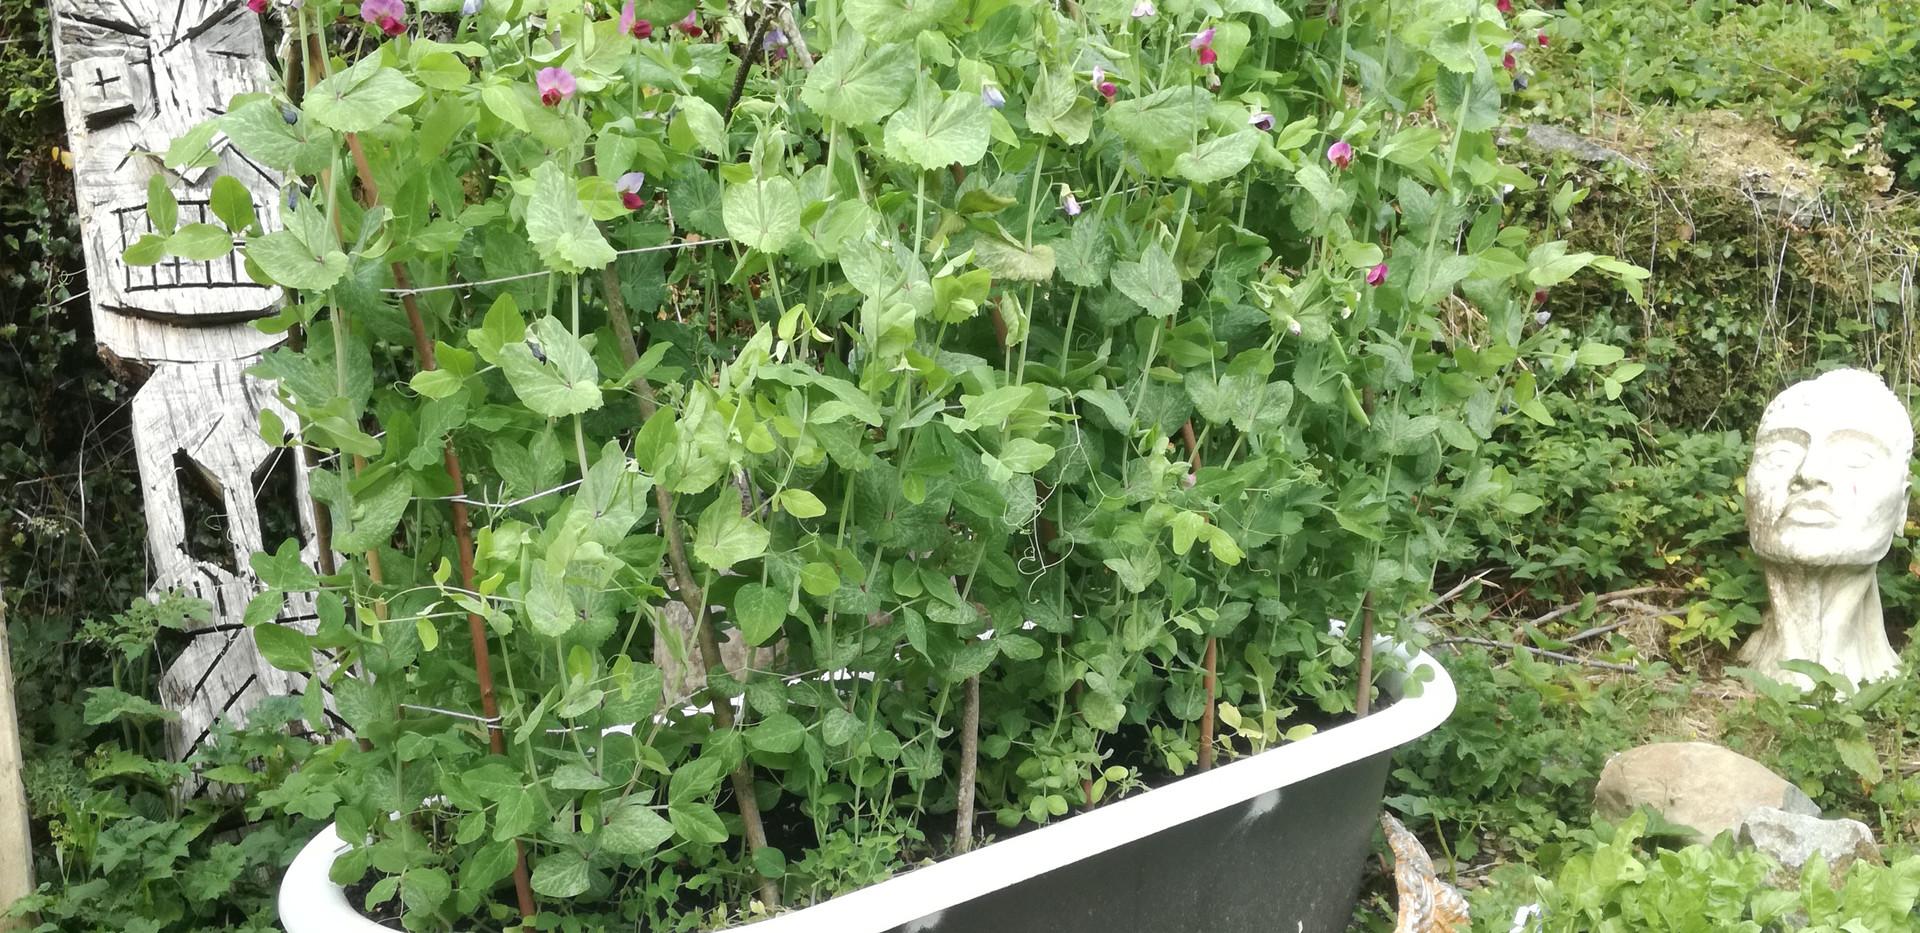 Yard veg garden